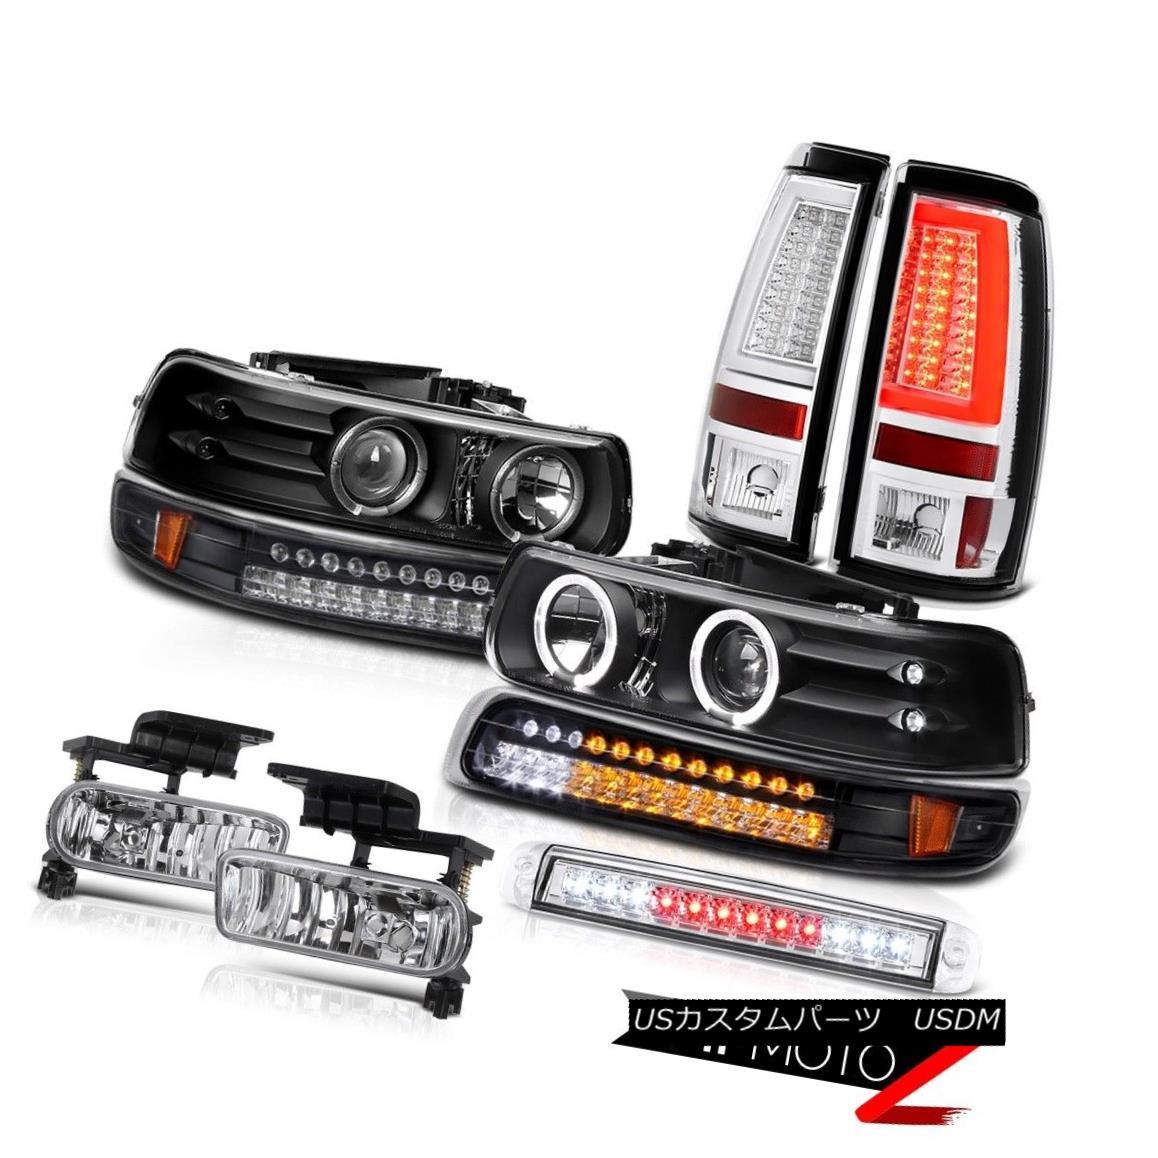 テールライト 99 00 01 02 Silverado 4.3L Taillights 3rd Brake Light Foglights Signal Headlamps 99 00 01 02 Silverado 4.3Lターンライト第3ブレーキライトフォグライトシグナルヘッドランプ